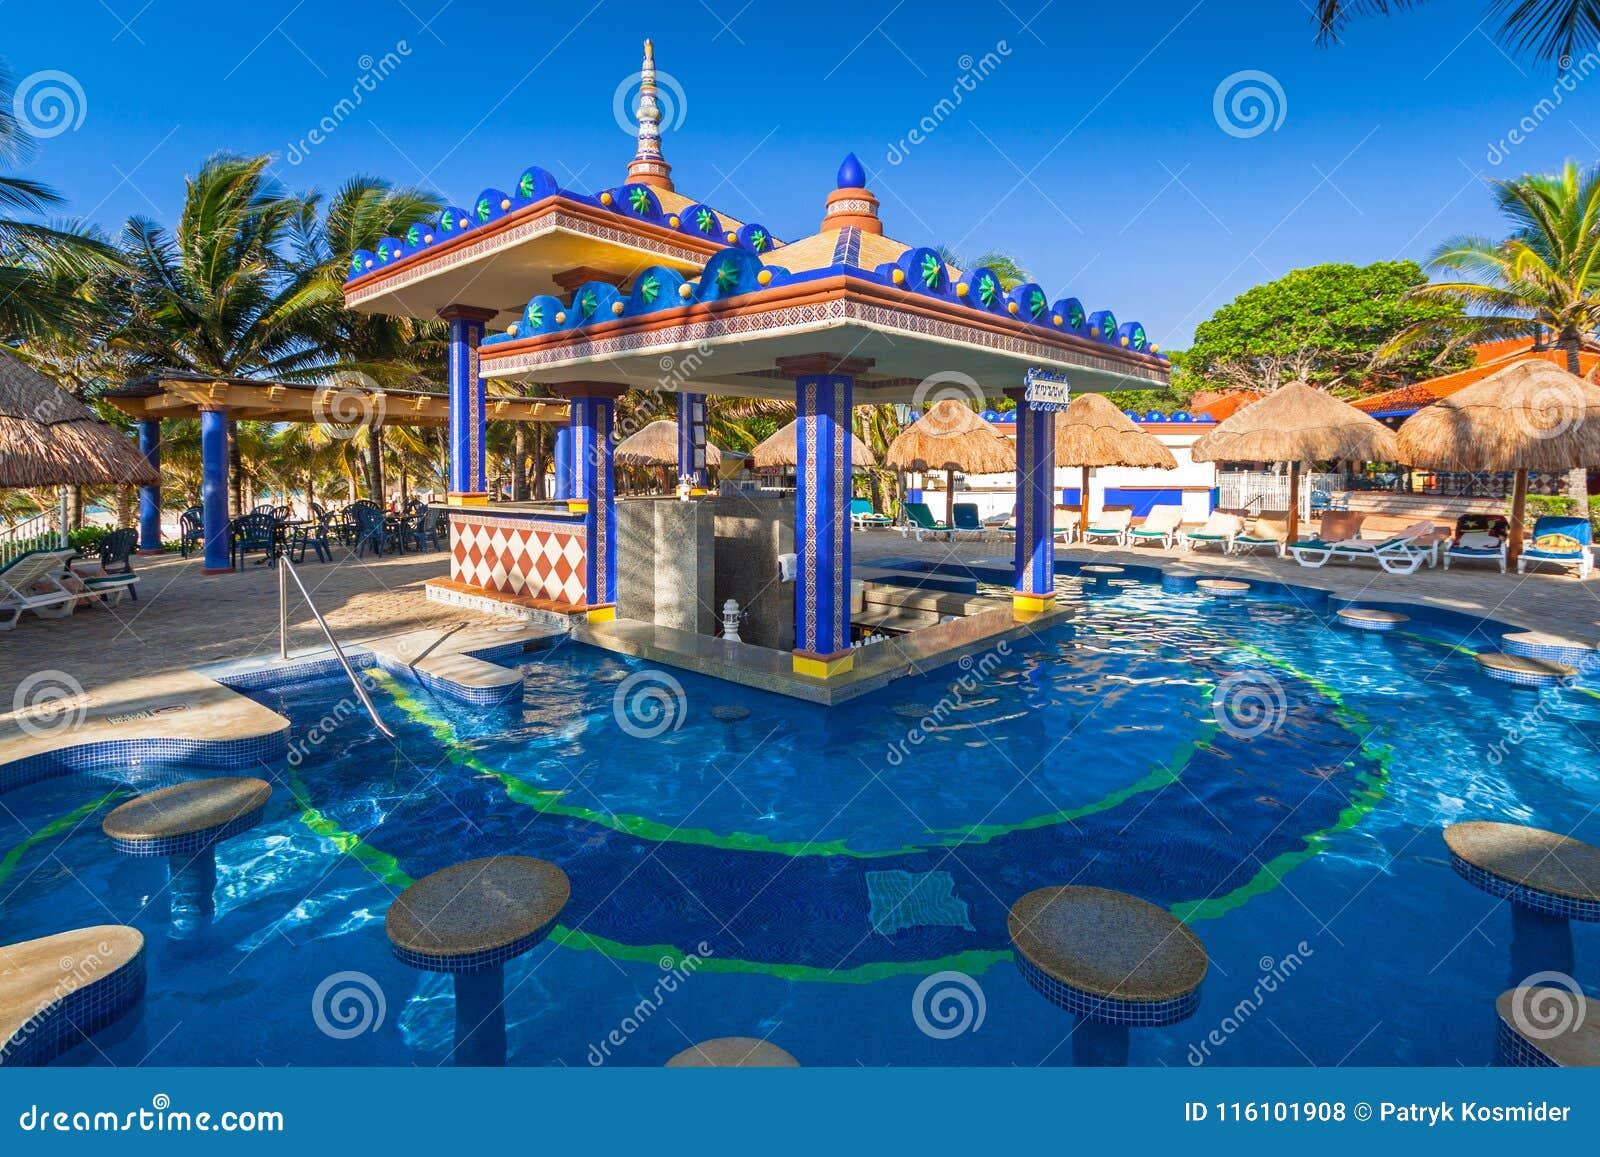 卡门,墨西哥- 2011年7月16日:豪华游泳池风景在RIU尤加坦旅馆